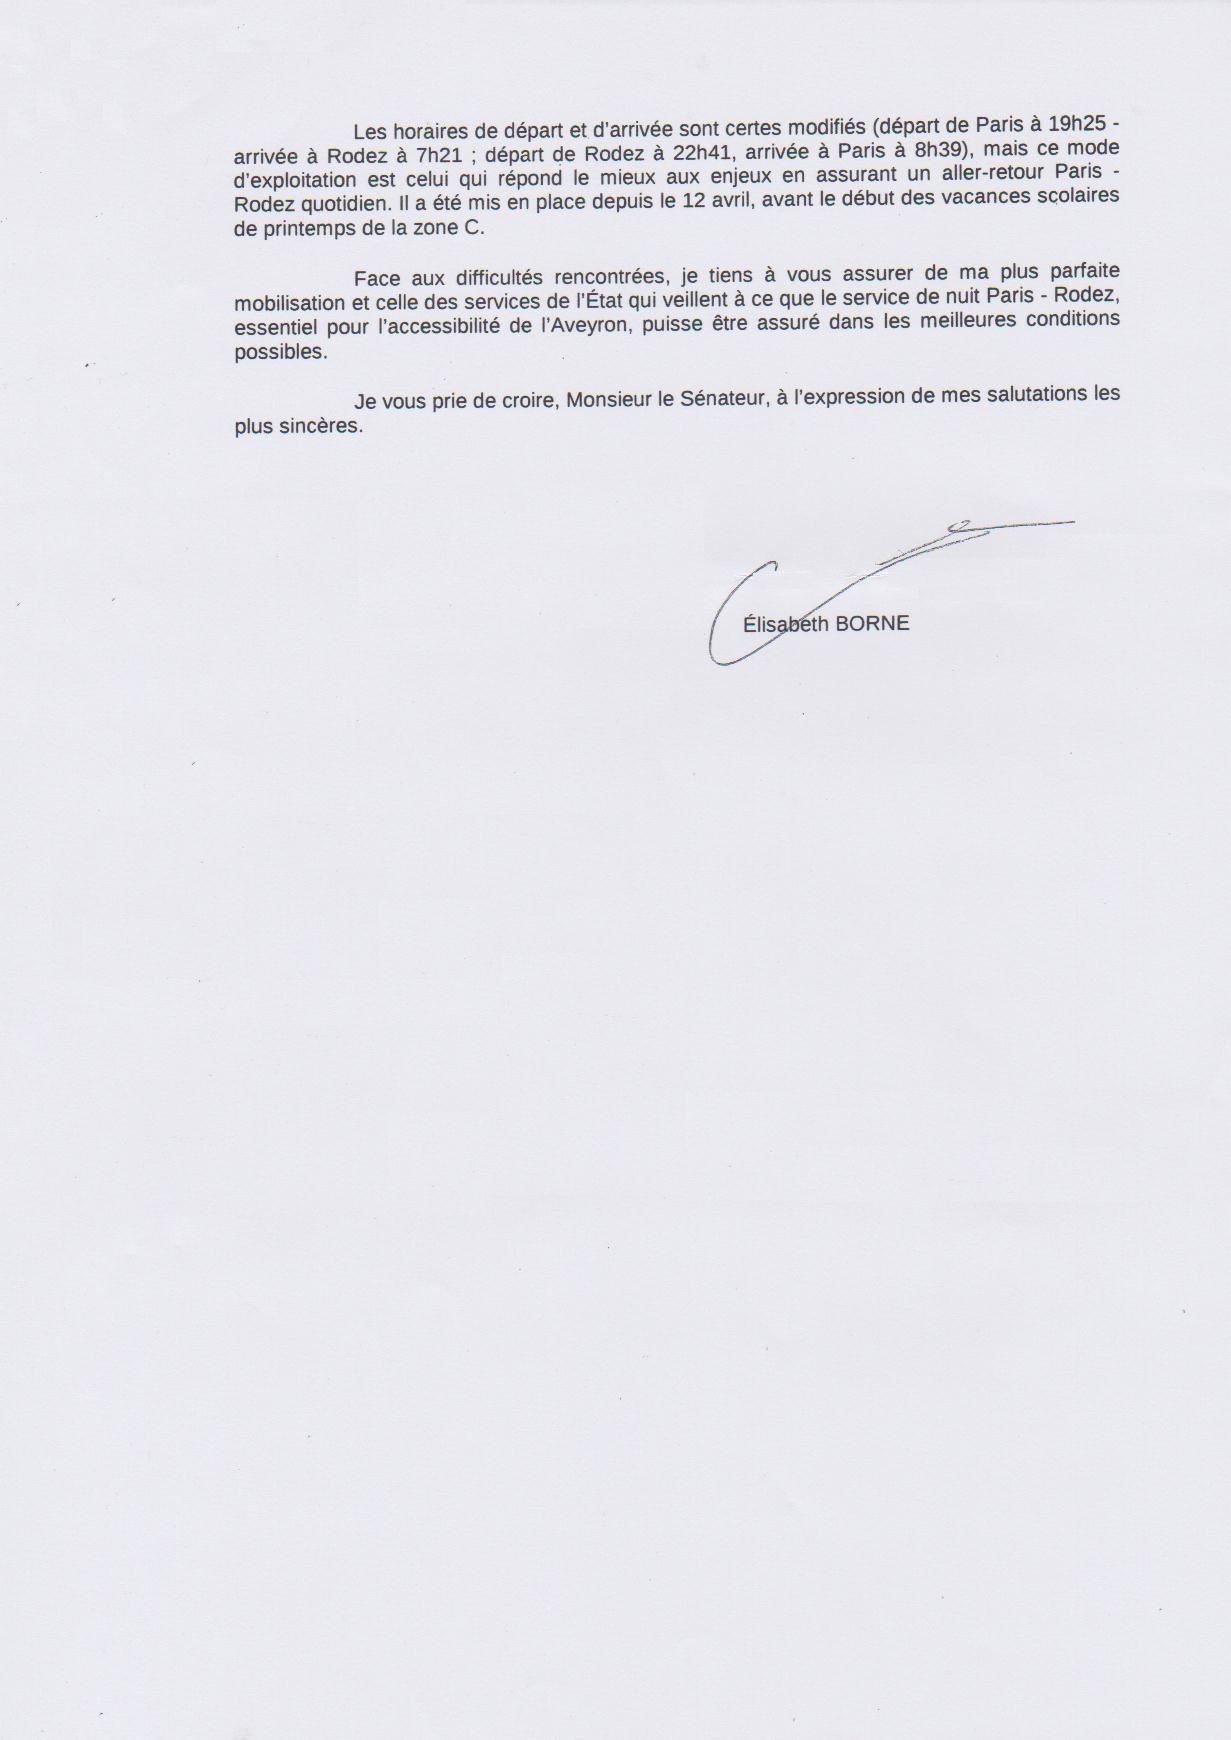 2018-05-18 Réponse Borne à Marc p2.jpg